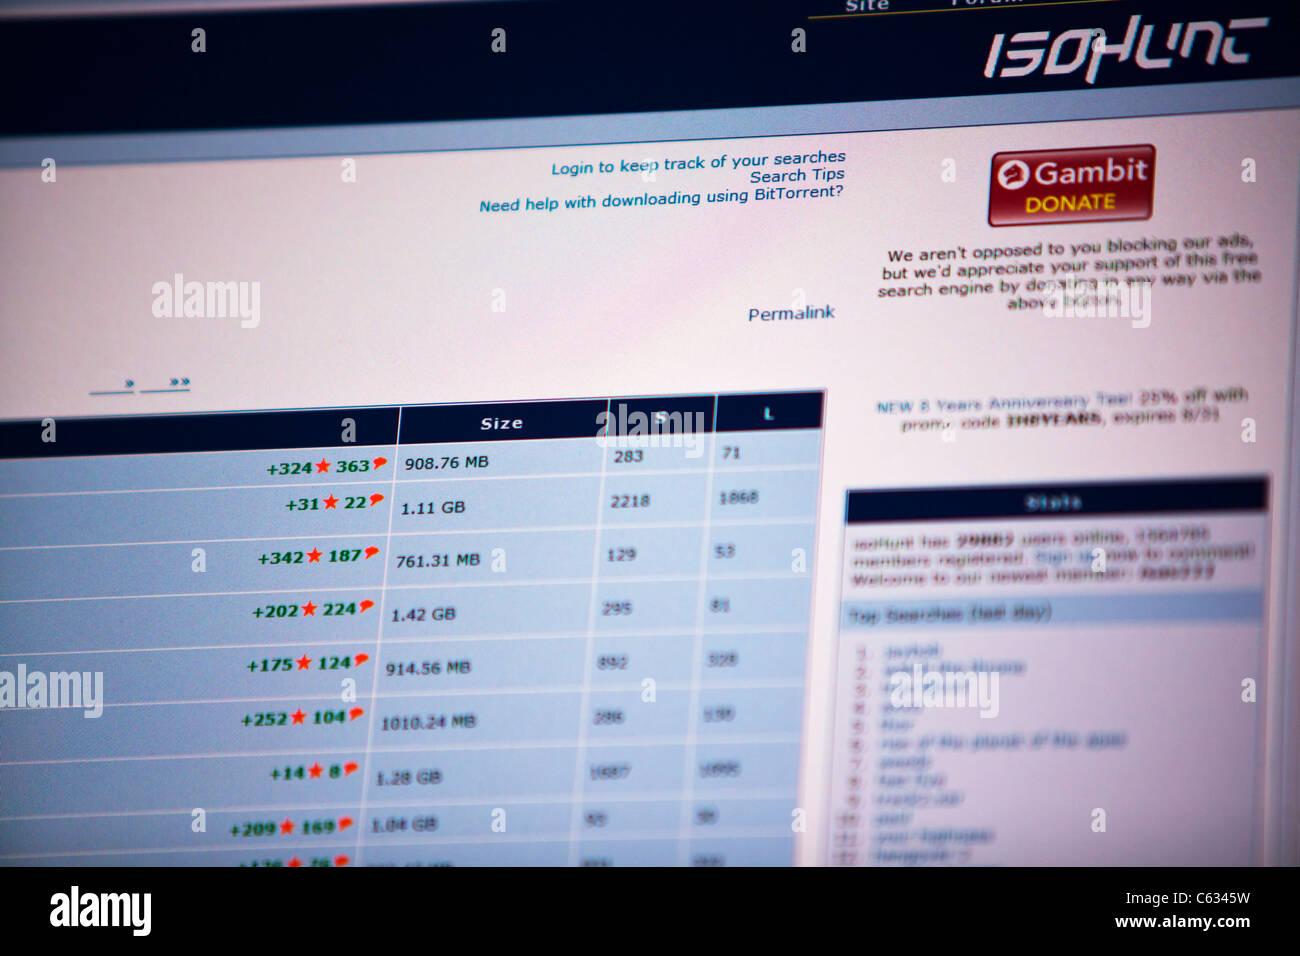 El logotipo del sitio de descargas ilegales bit torrent iso hunt imagen de alta resolución tomada desde una Imagen De Stock